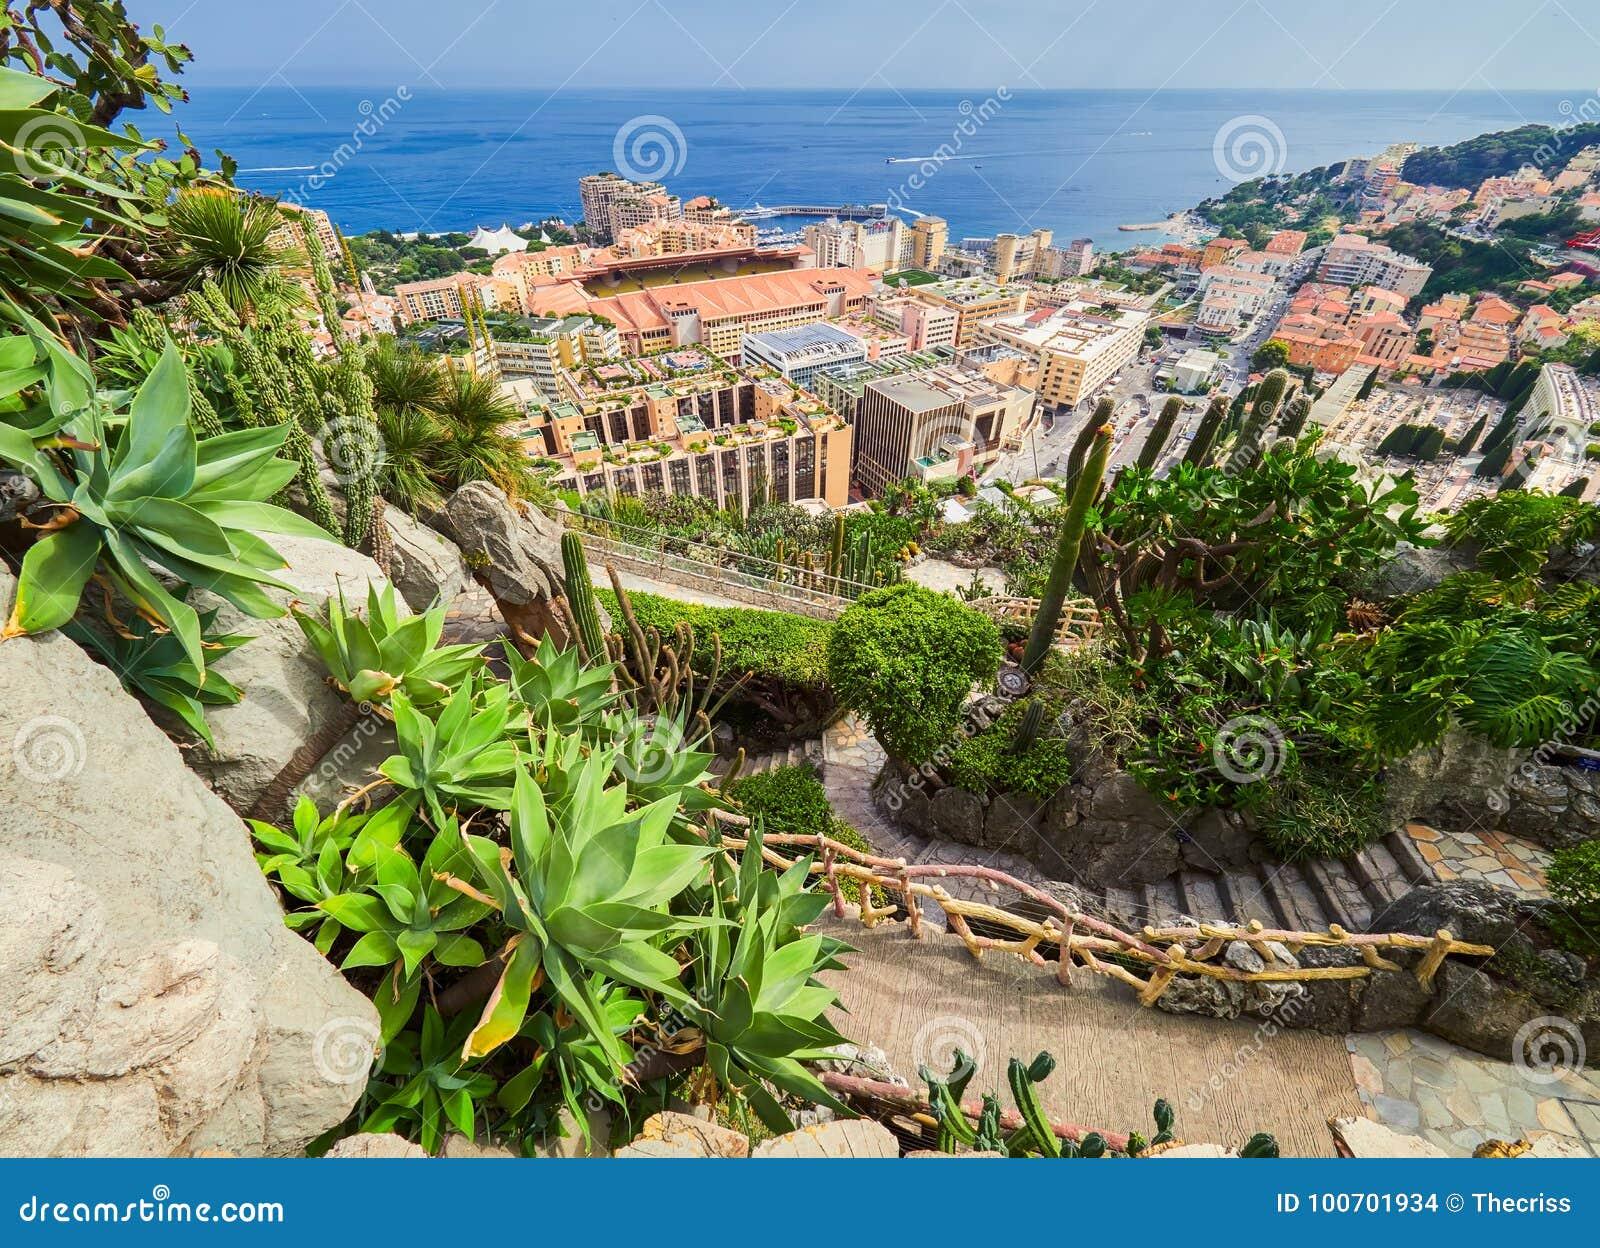 MONTE CARLO, MONACO - 10 AOÛT 2017 : Fragment d un jardin des cactus et des succulents au Monaco Jardin Exotique de Monaco